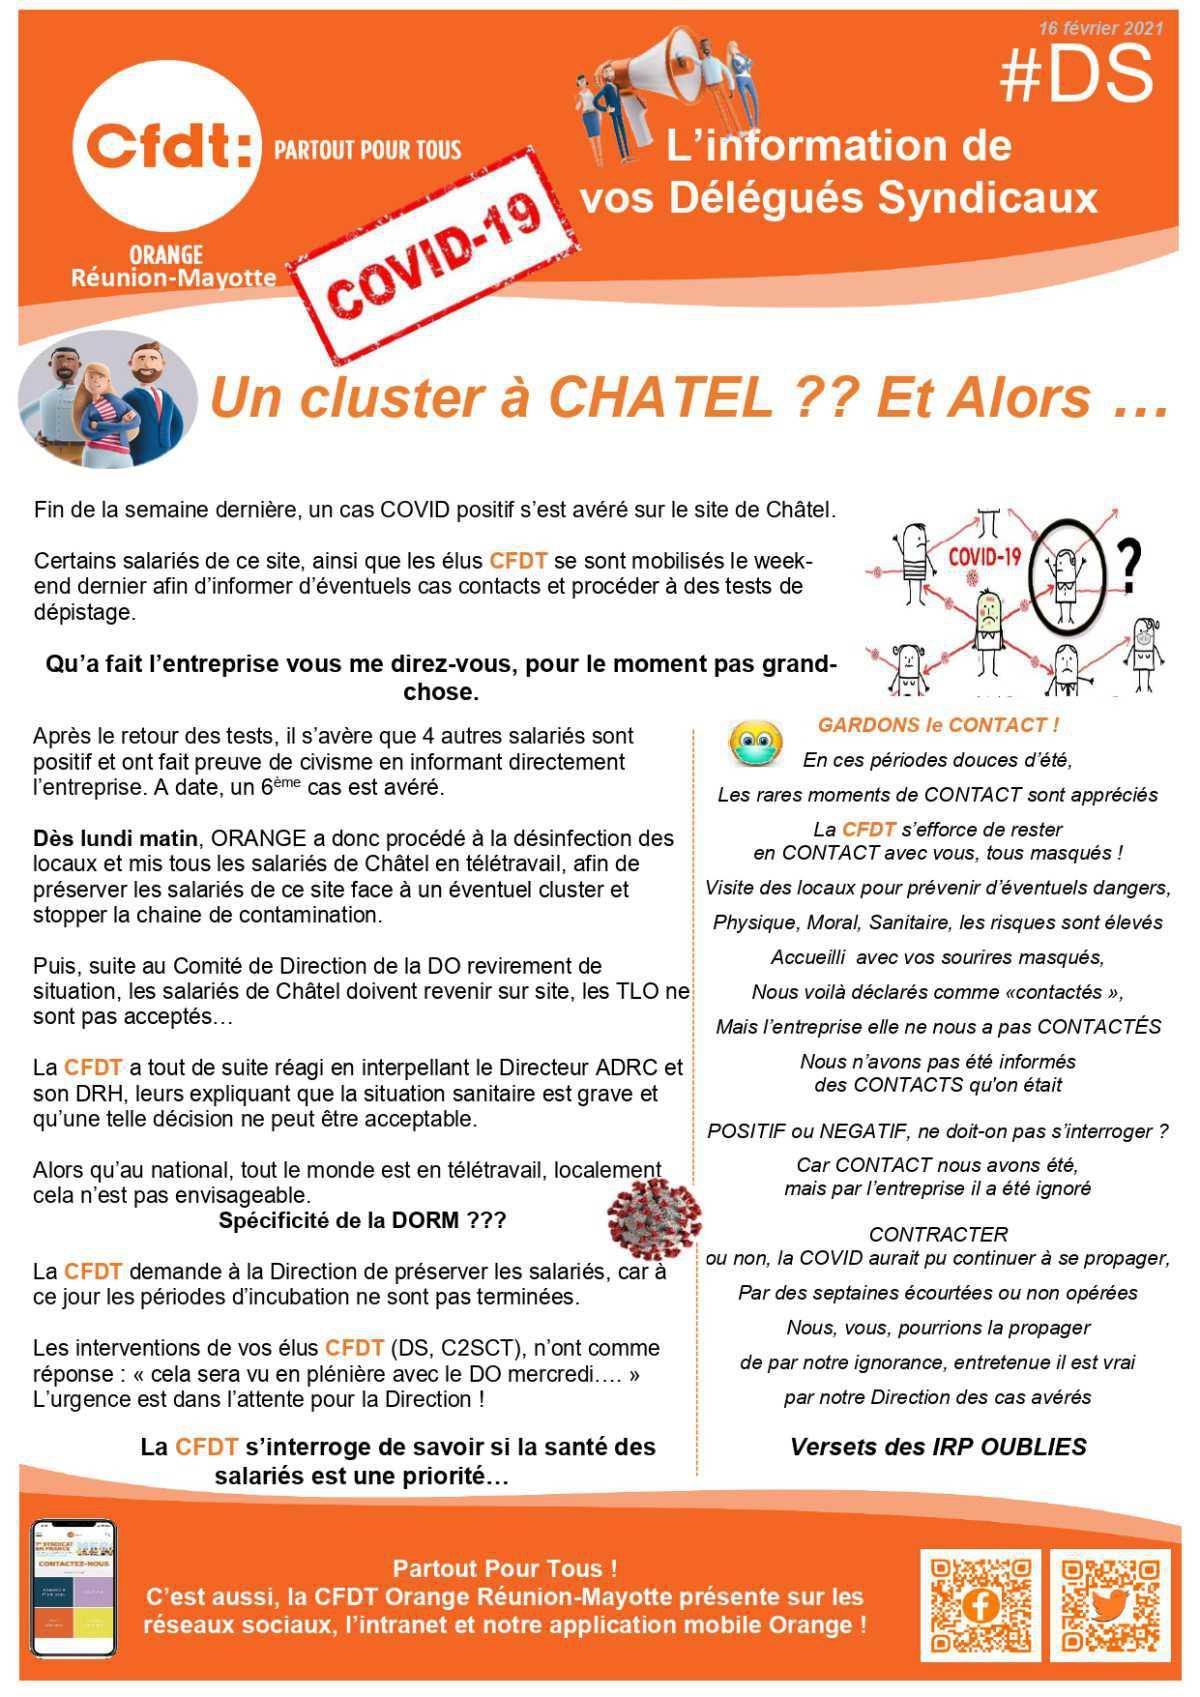 #DS - Un cluster à Chatel ??